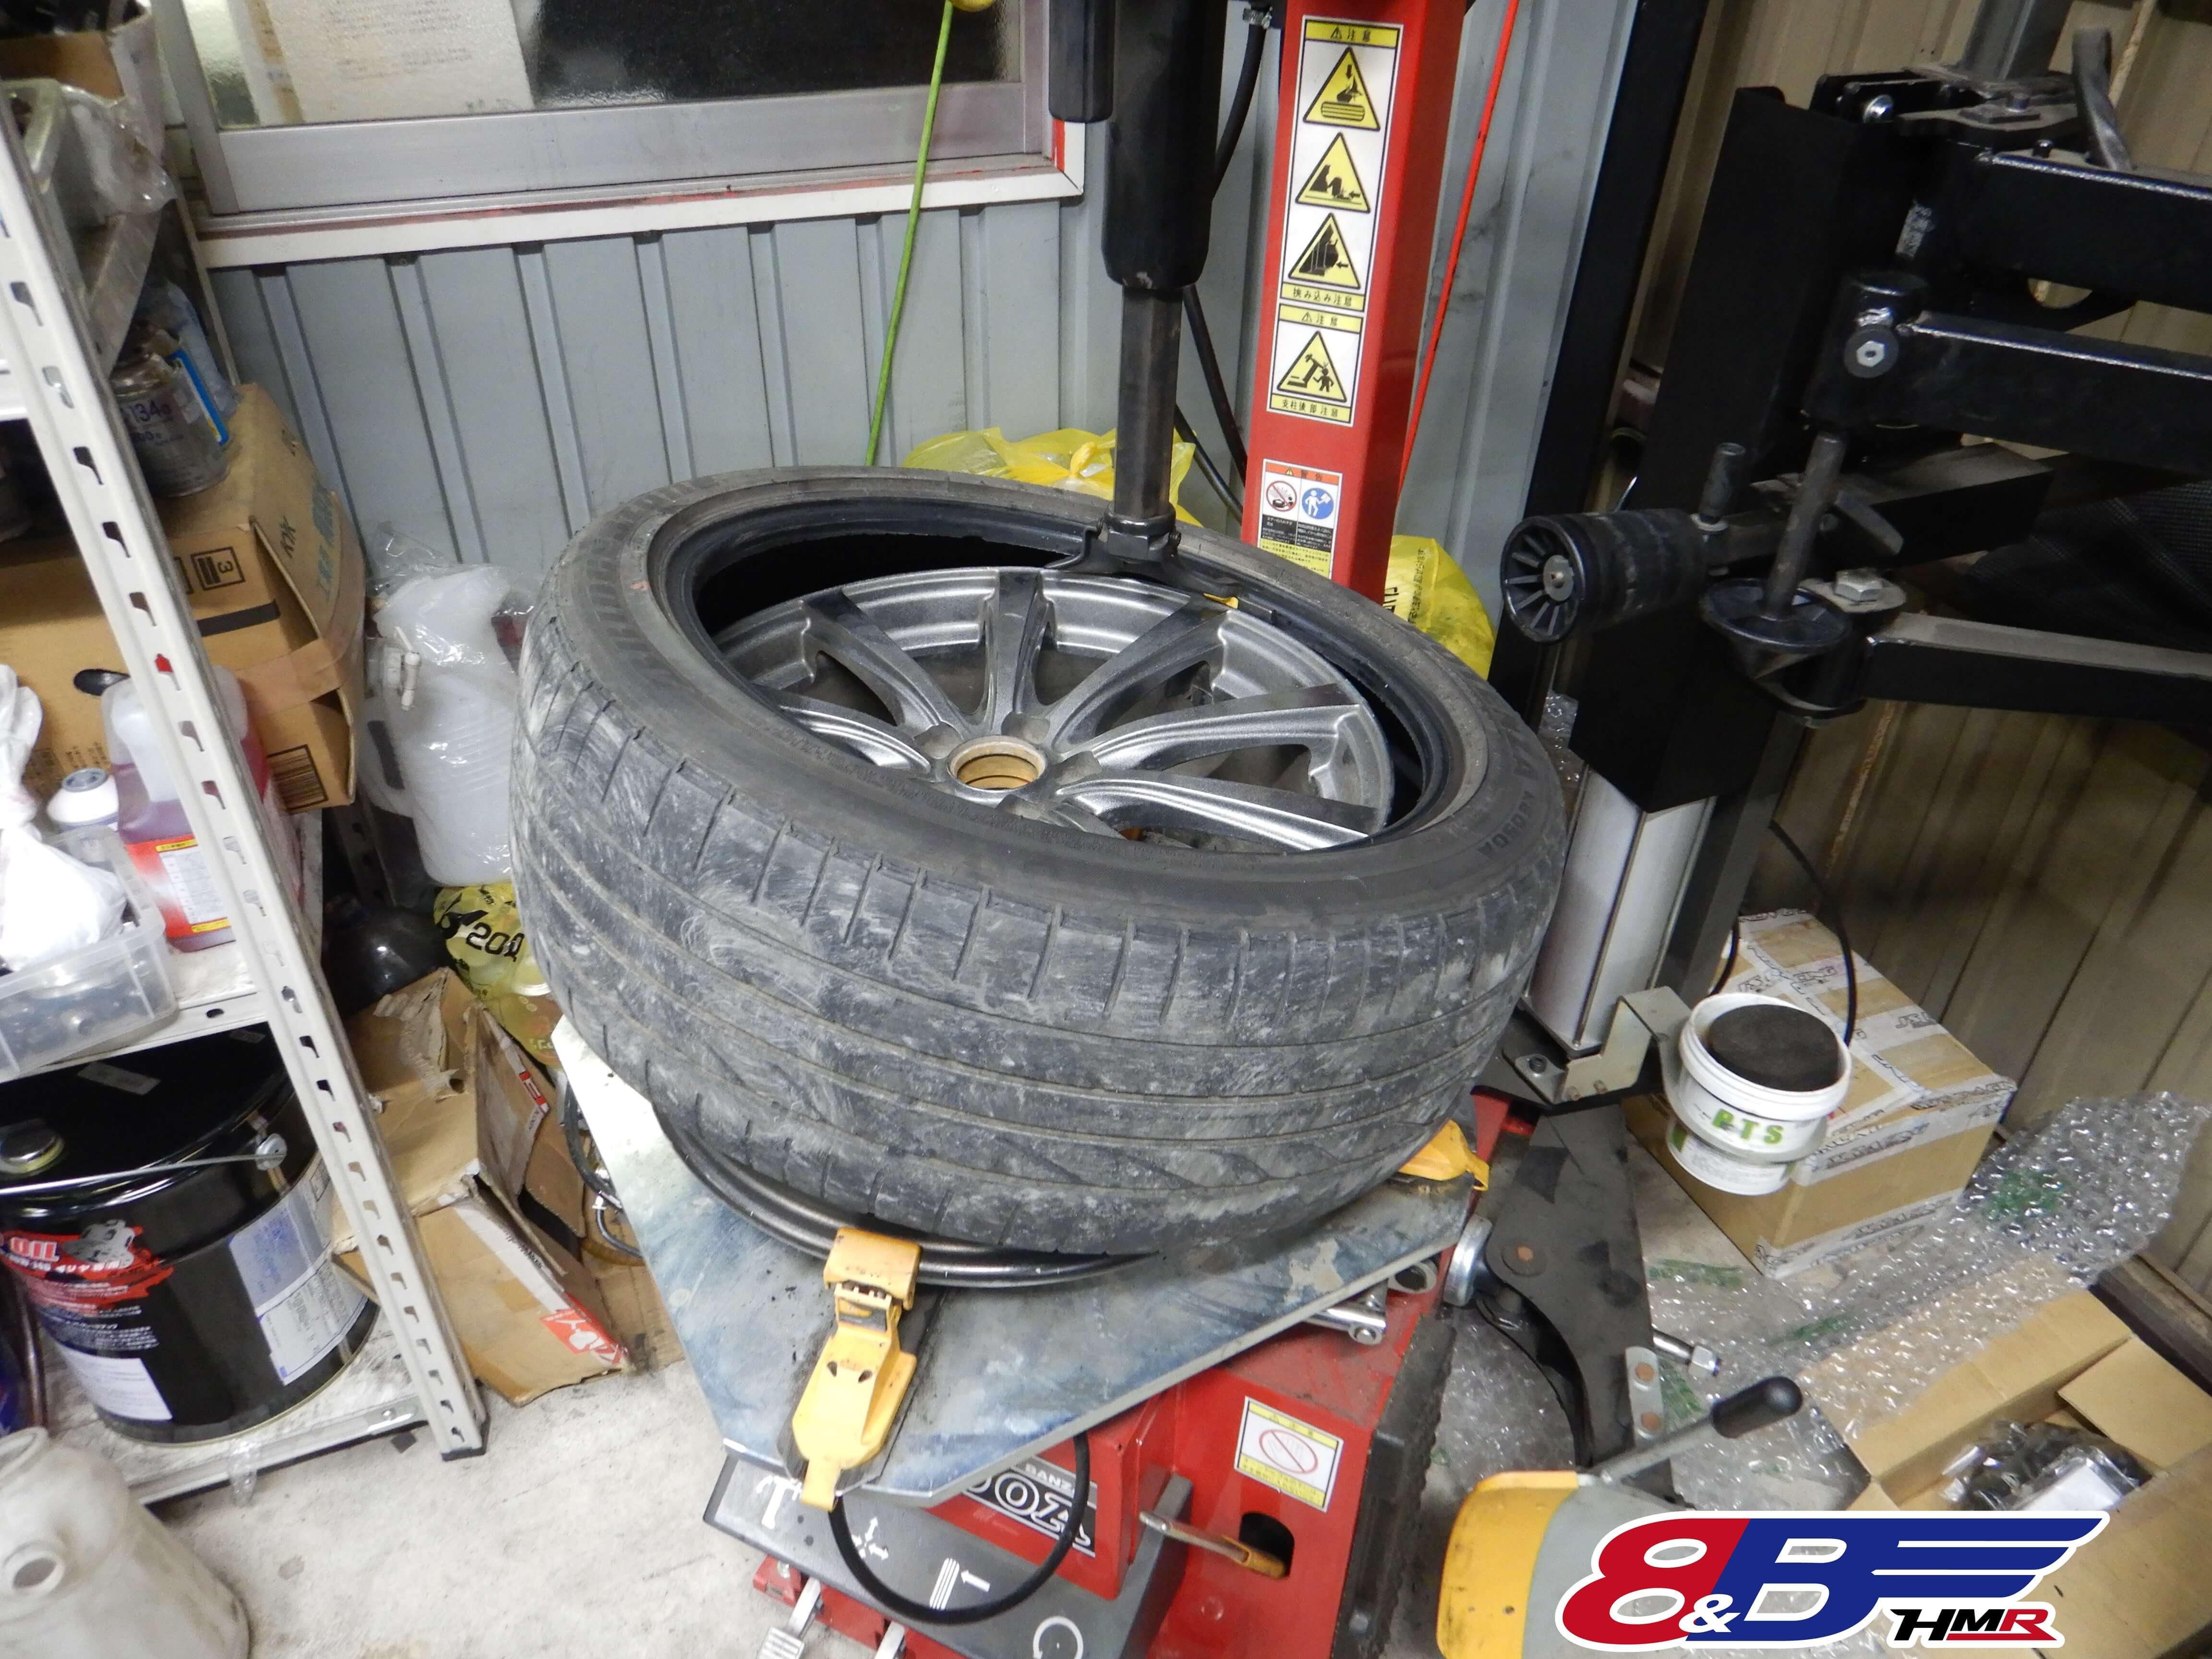 レガシィB4 BL5 タイヤ交換